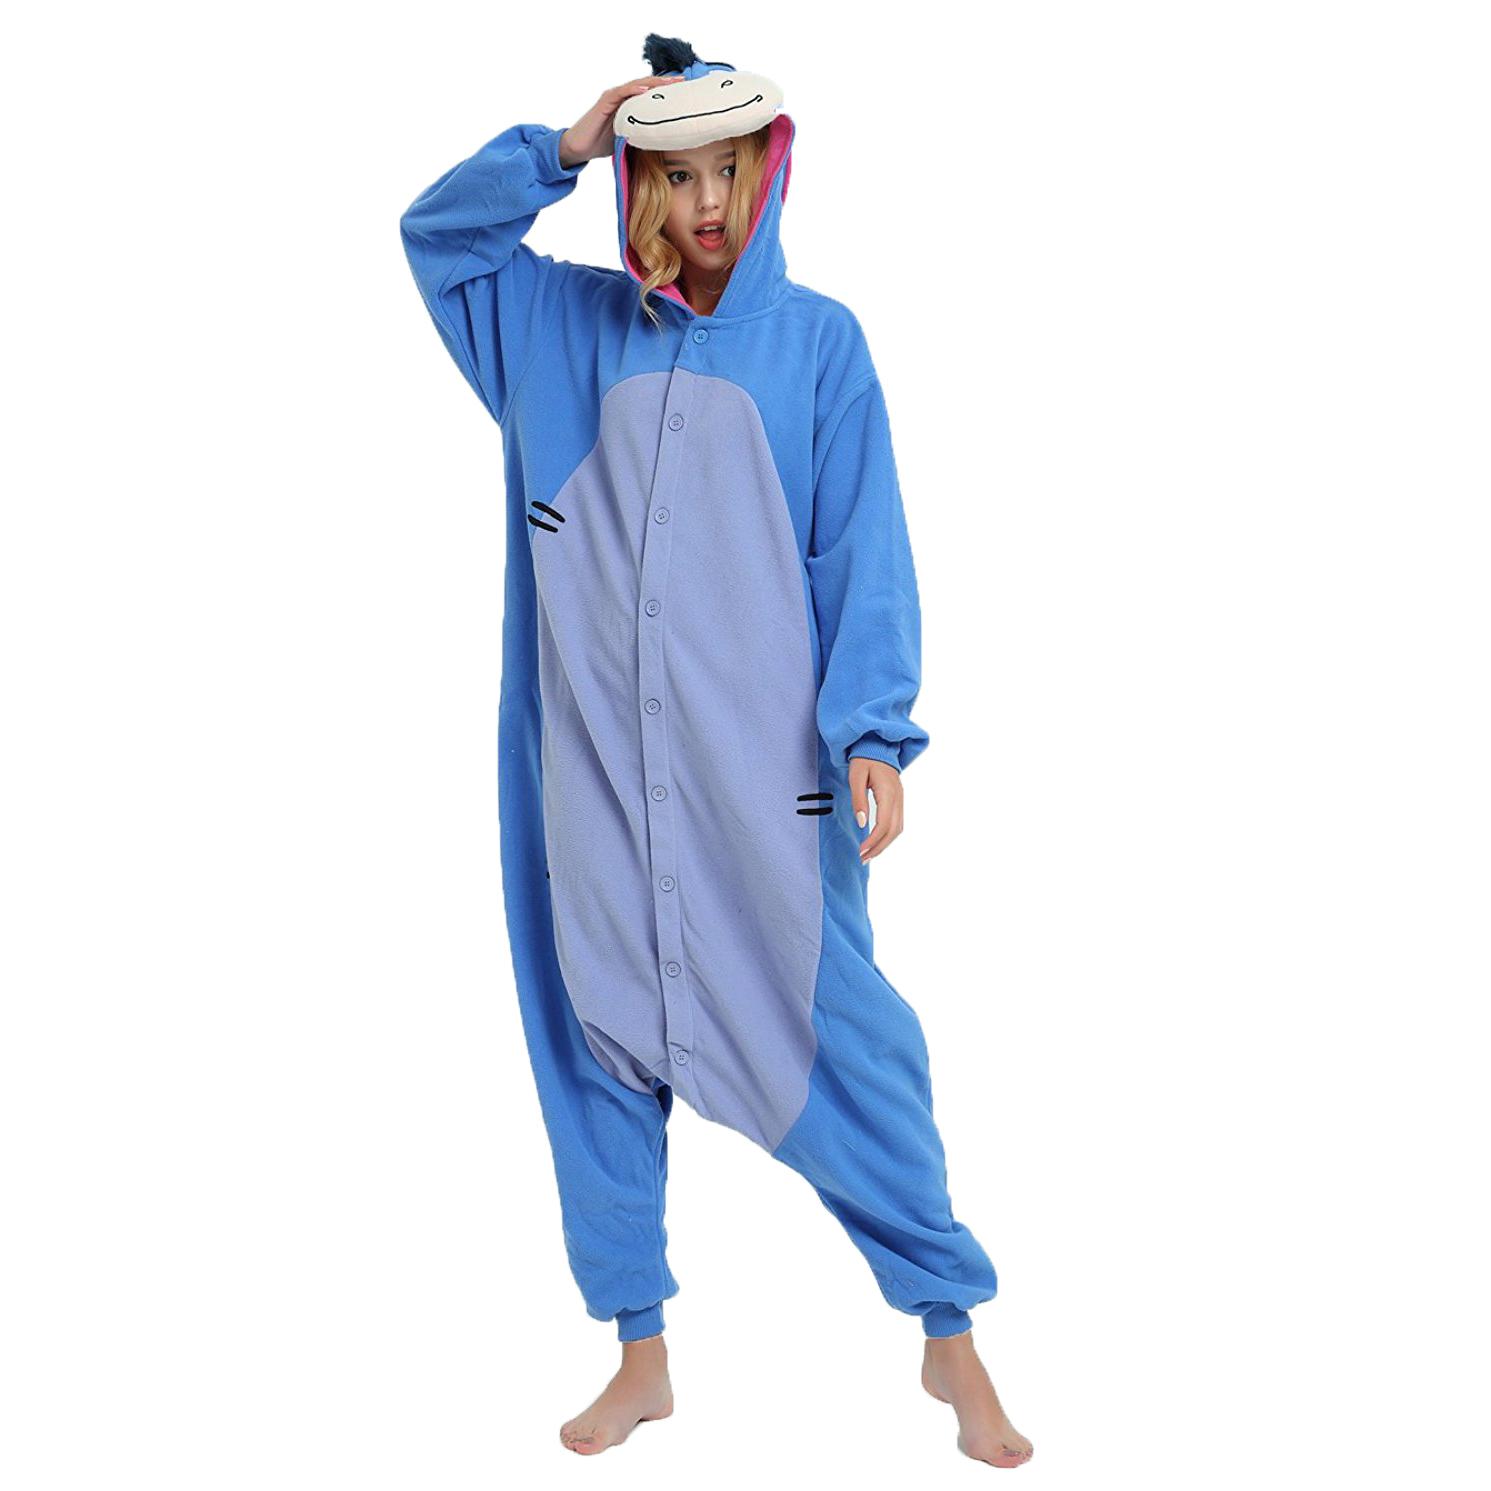 Eeyore onesie from wellpajamas.com